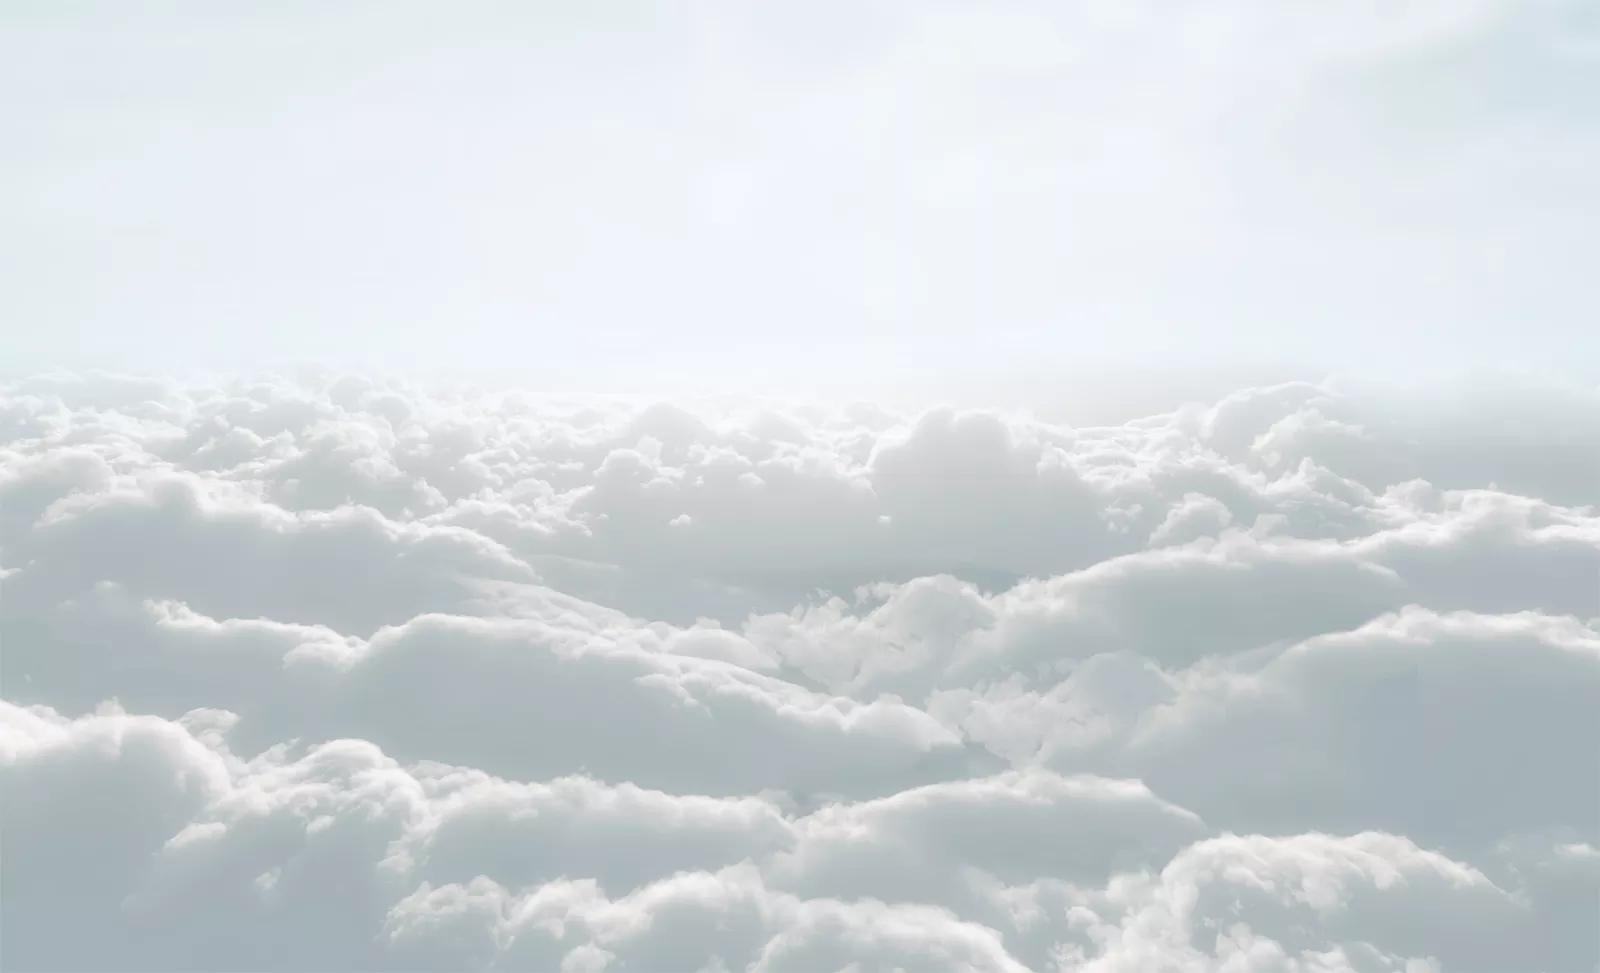 Avaliação NuvemERP: CRM eficaz e fácil de usar - Appvizer